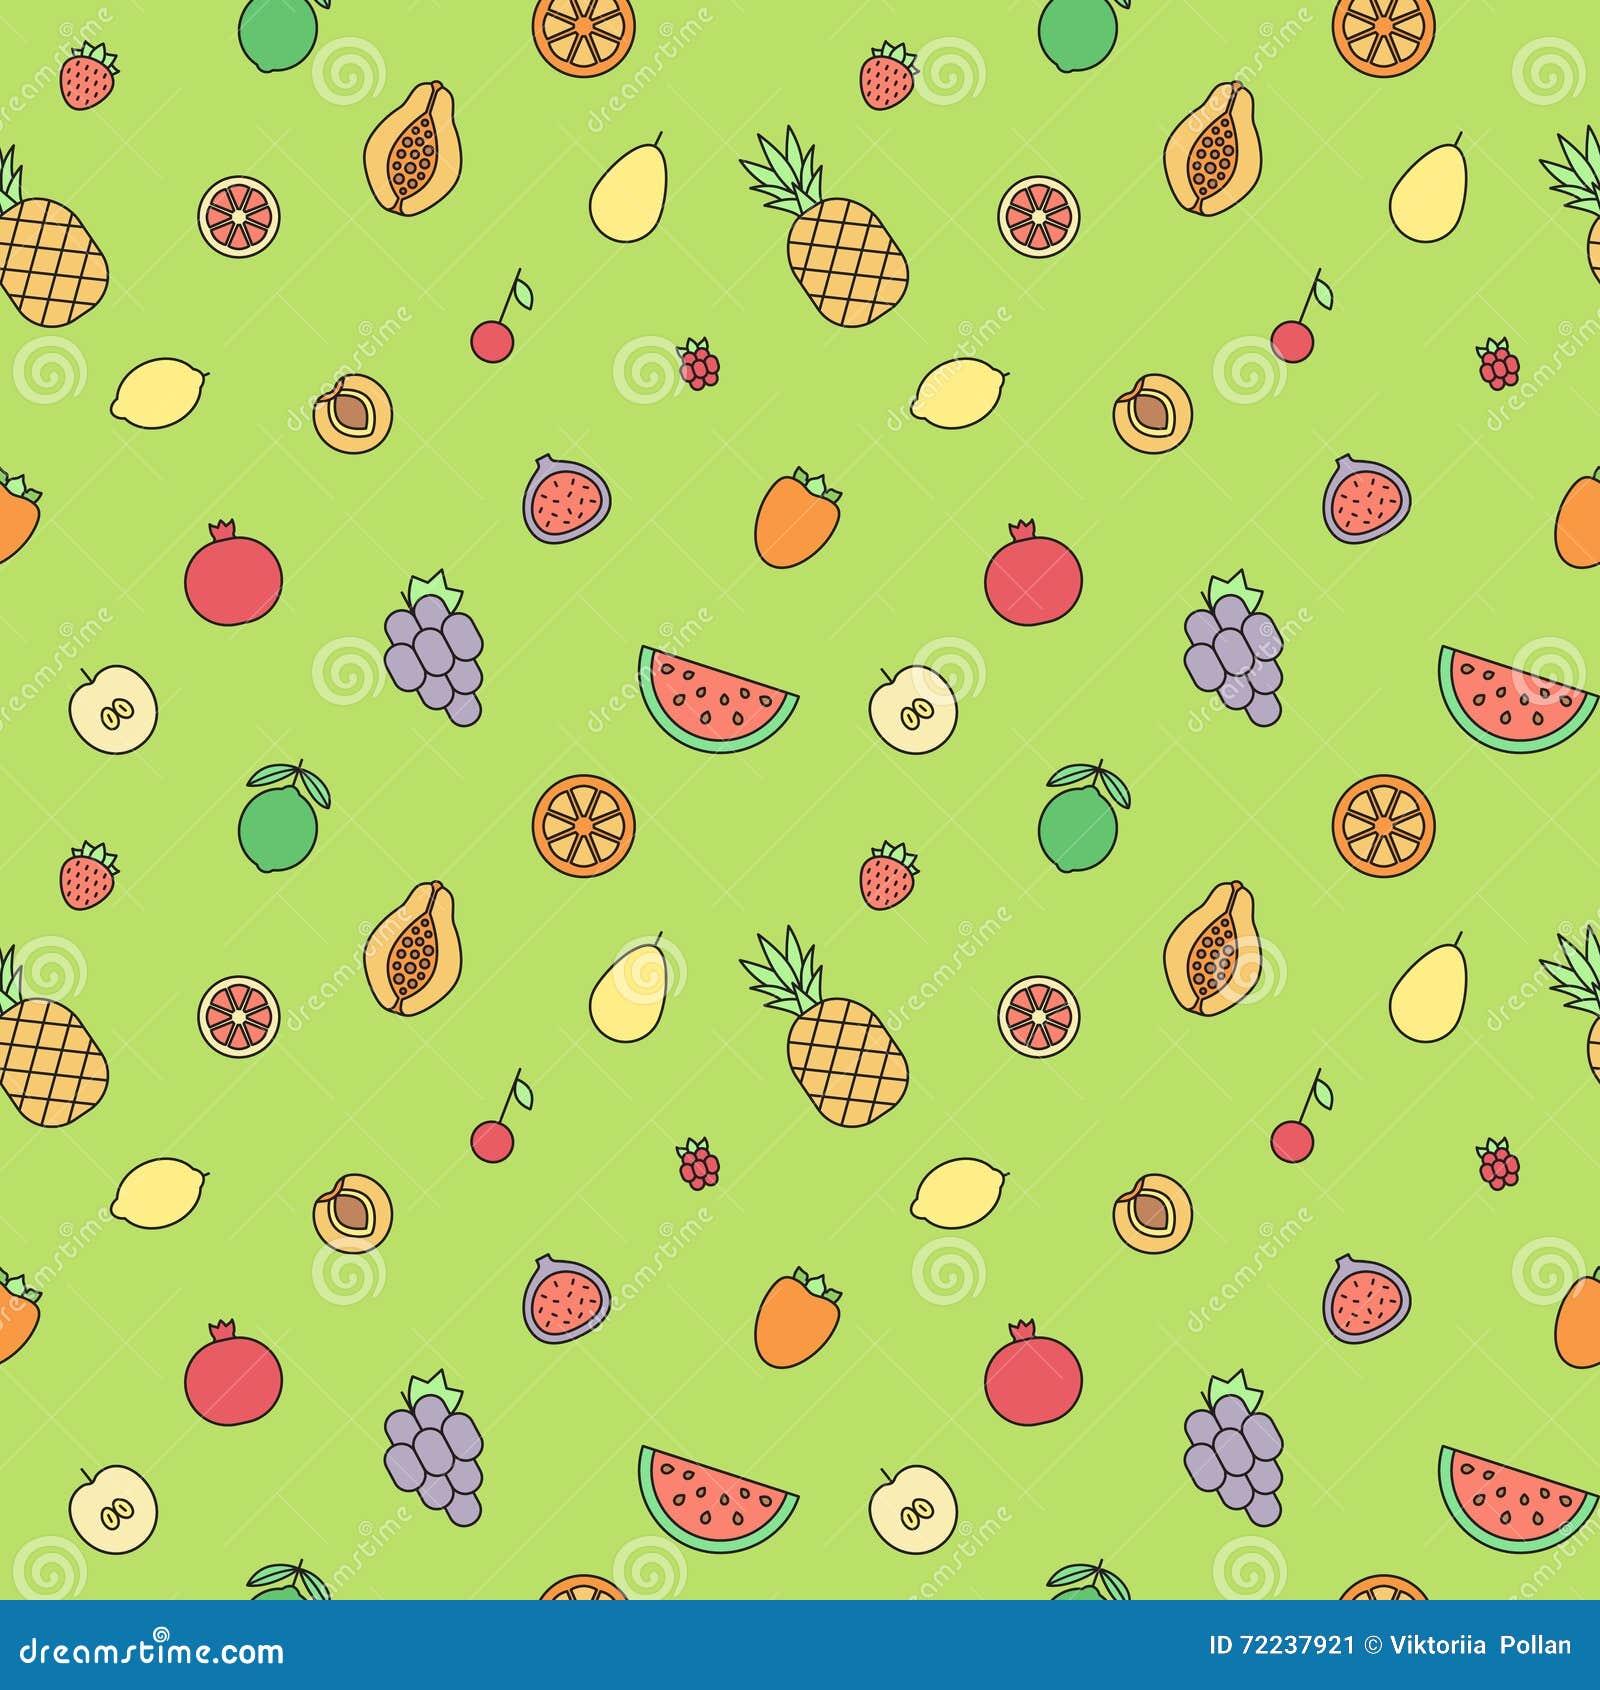 Άνευ ραφής διανυσματικό σχέδιο περιλήψεων φρούτων πολύχρωμο σύγχρονο minimalistic σχέδιο